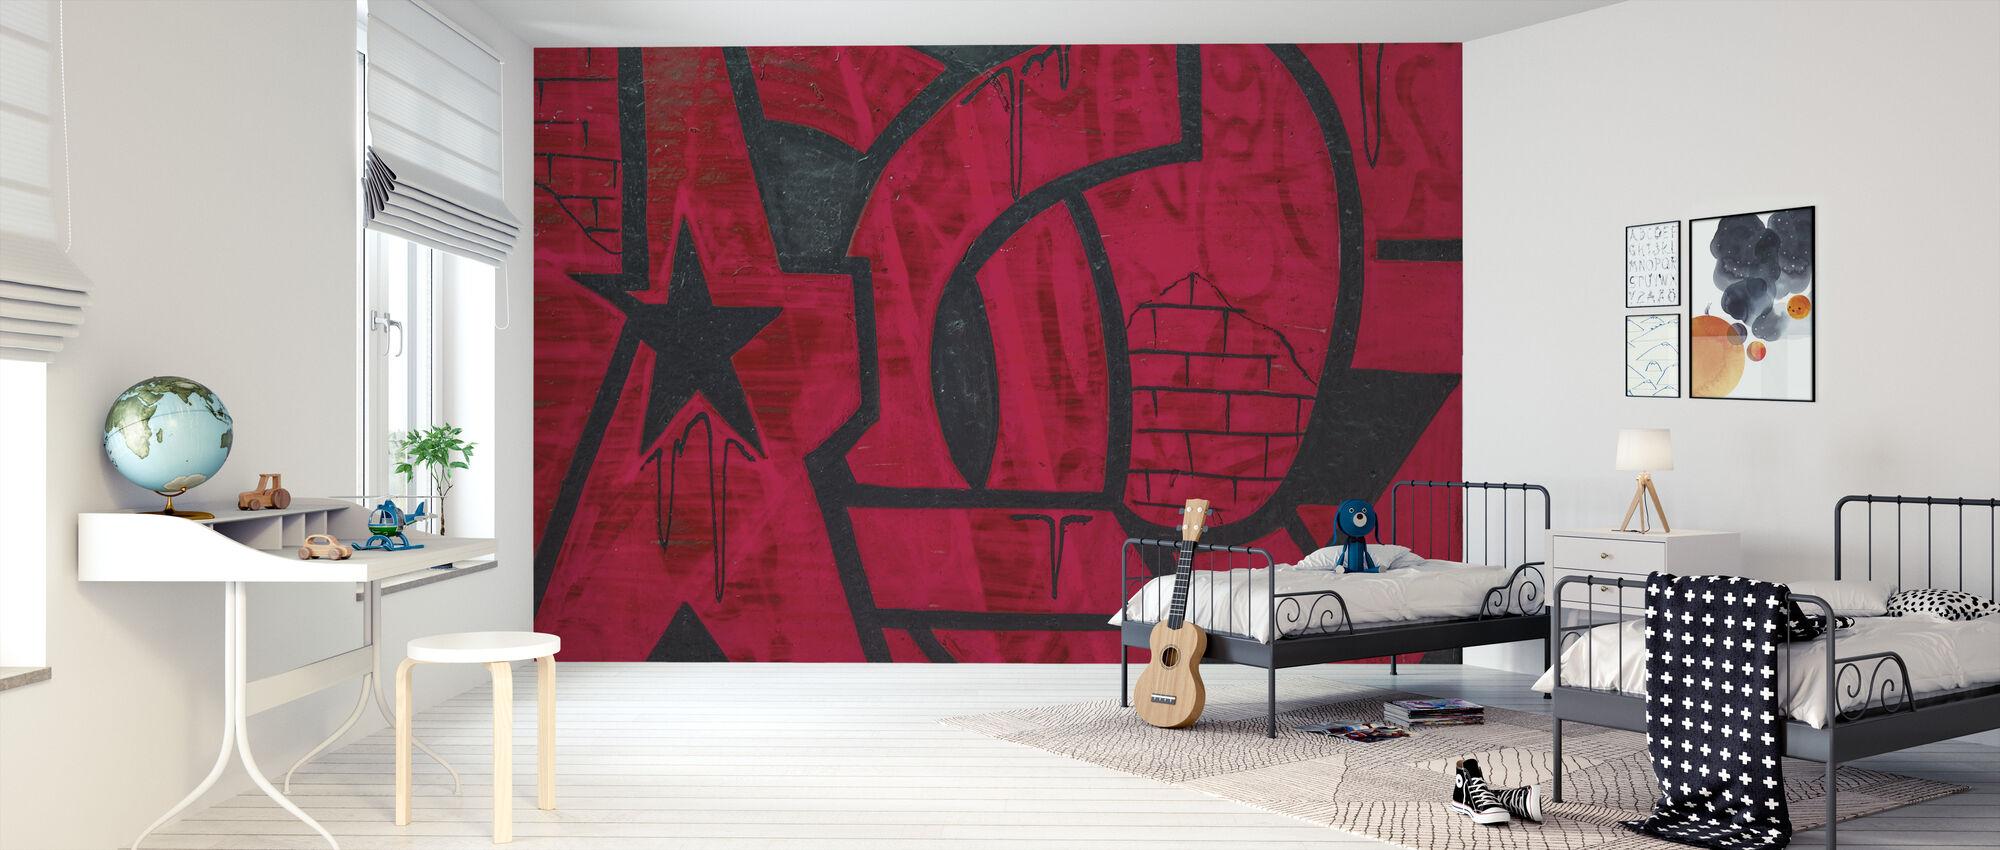 Rød detalj fra Graffiti-veggen - Tapet - Barnerom